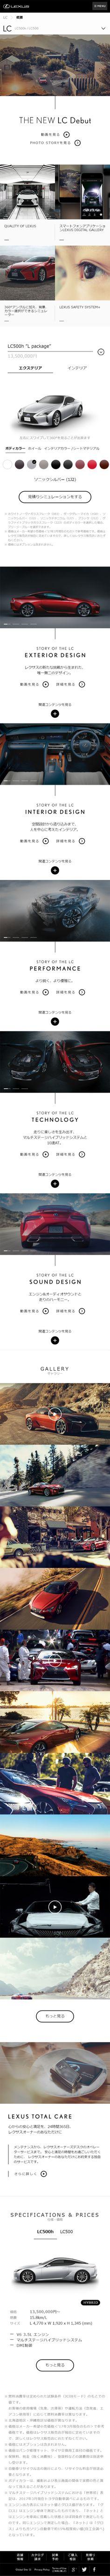 LEXUS LC【車・バイク関連】のLPデザイン。WEBデザイナーさん必見!スマホランディングページのデザイン参考に(かっこいい系)